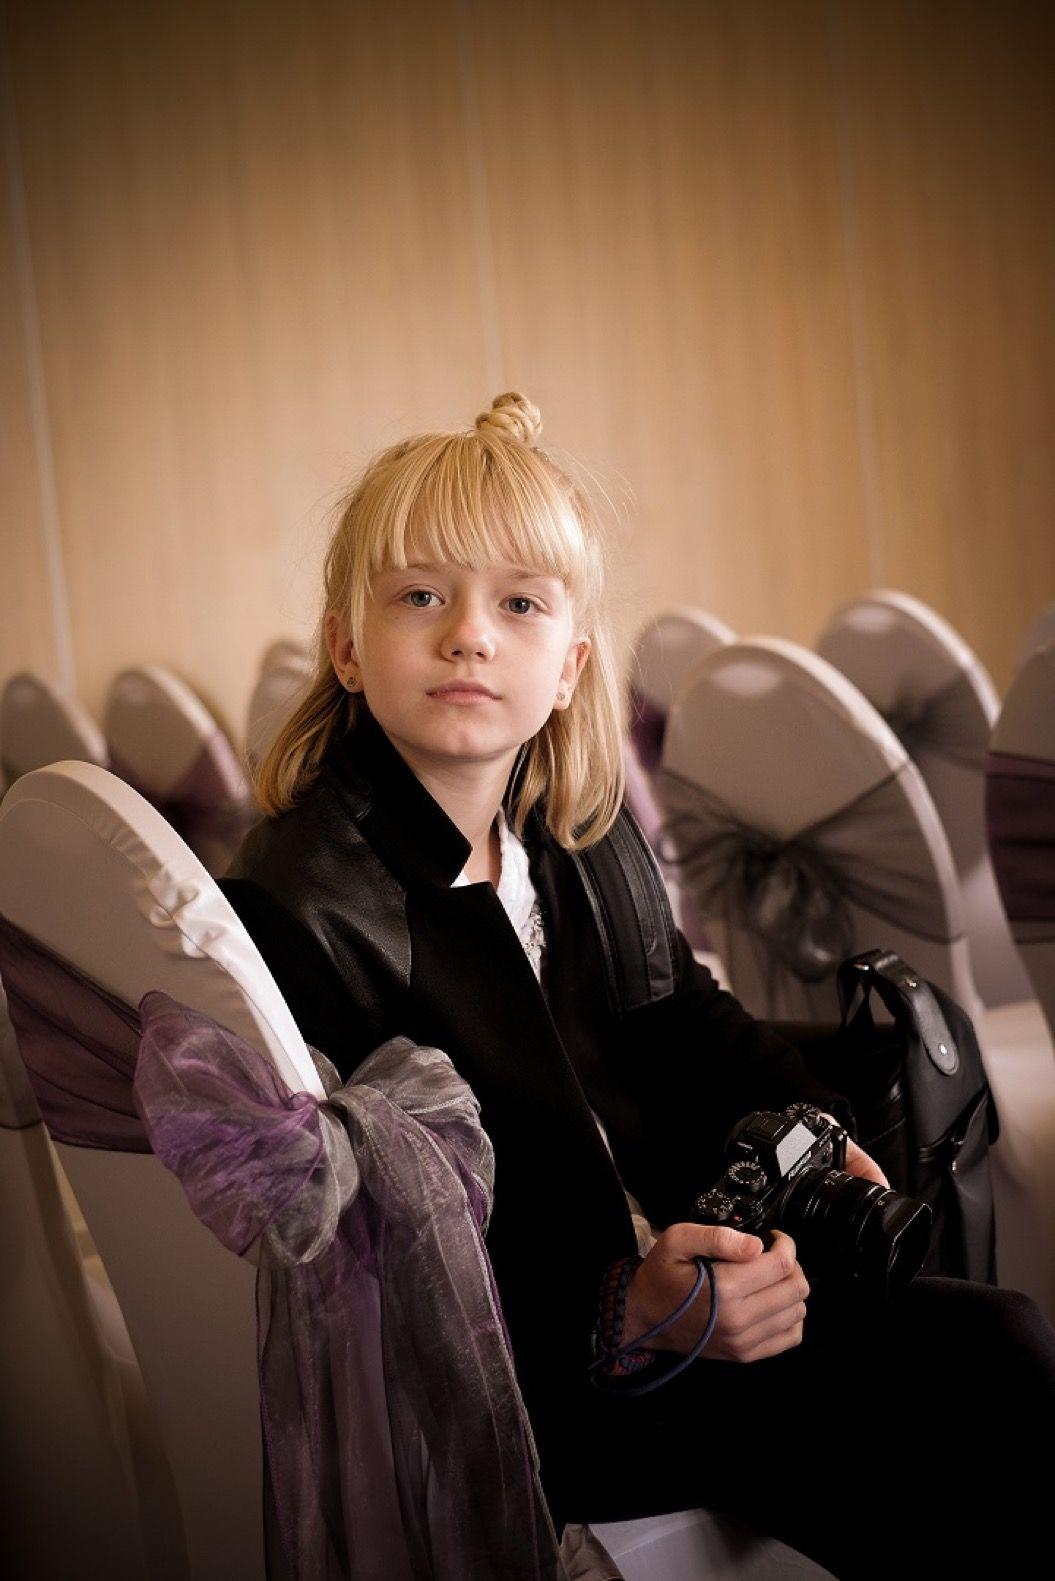 9歳のカメラマンが撮影した写真にビックリ。